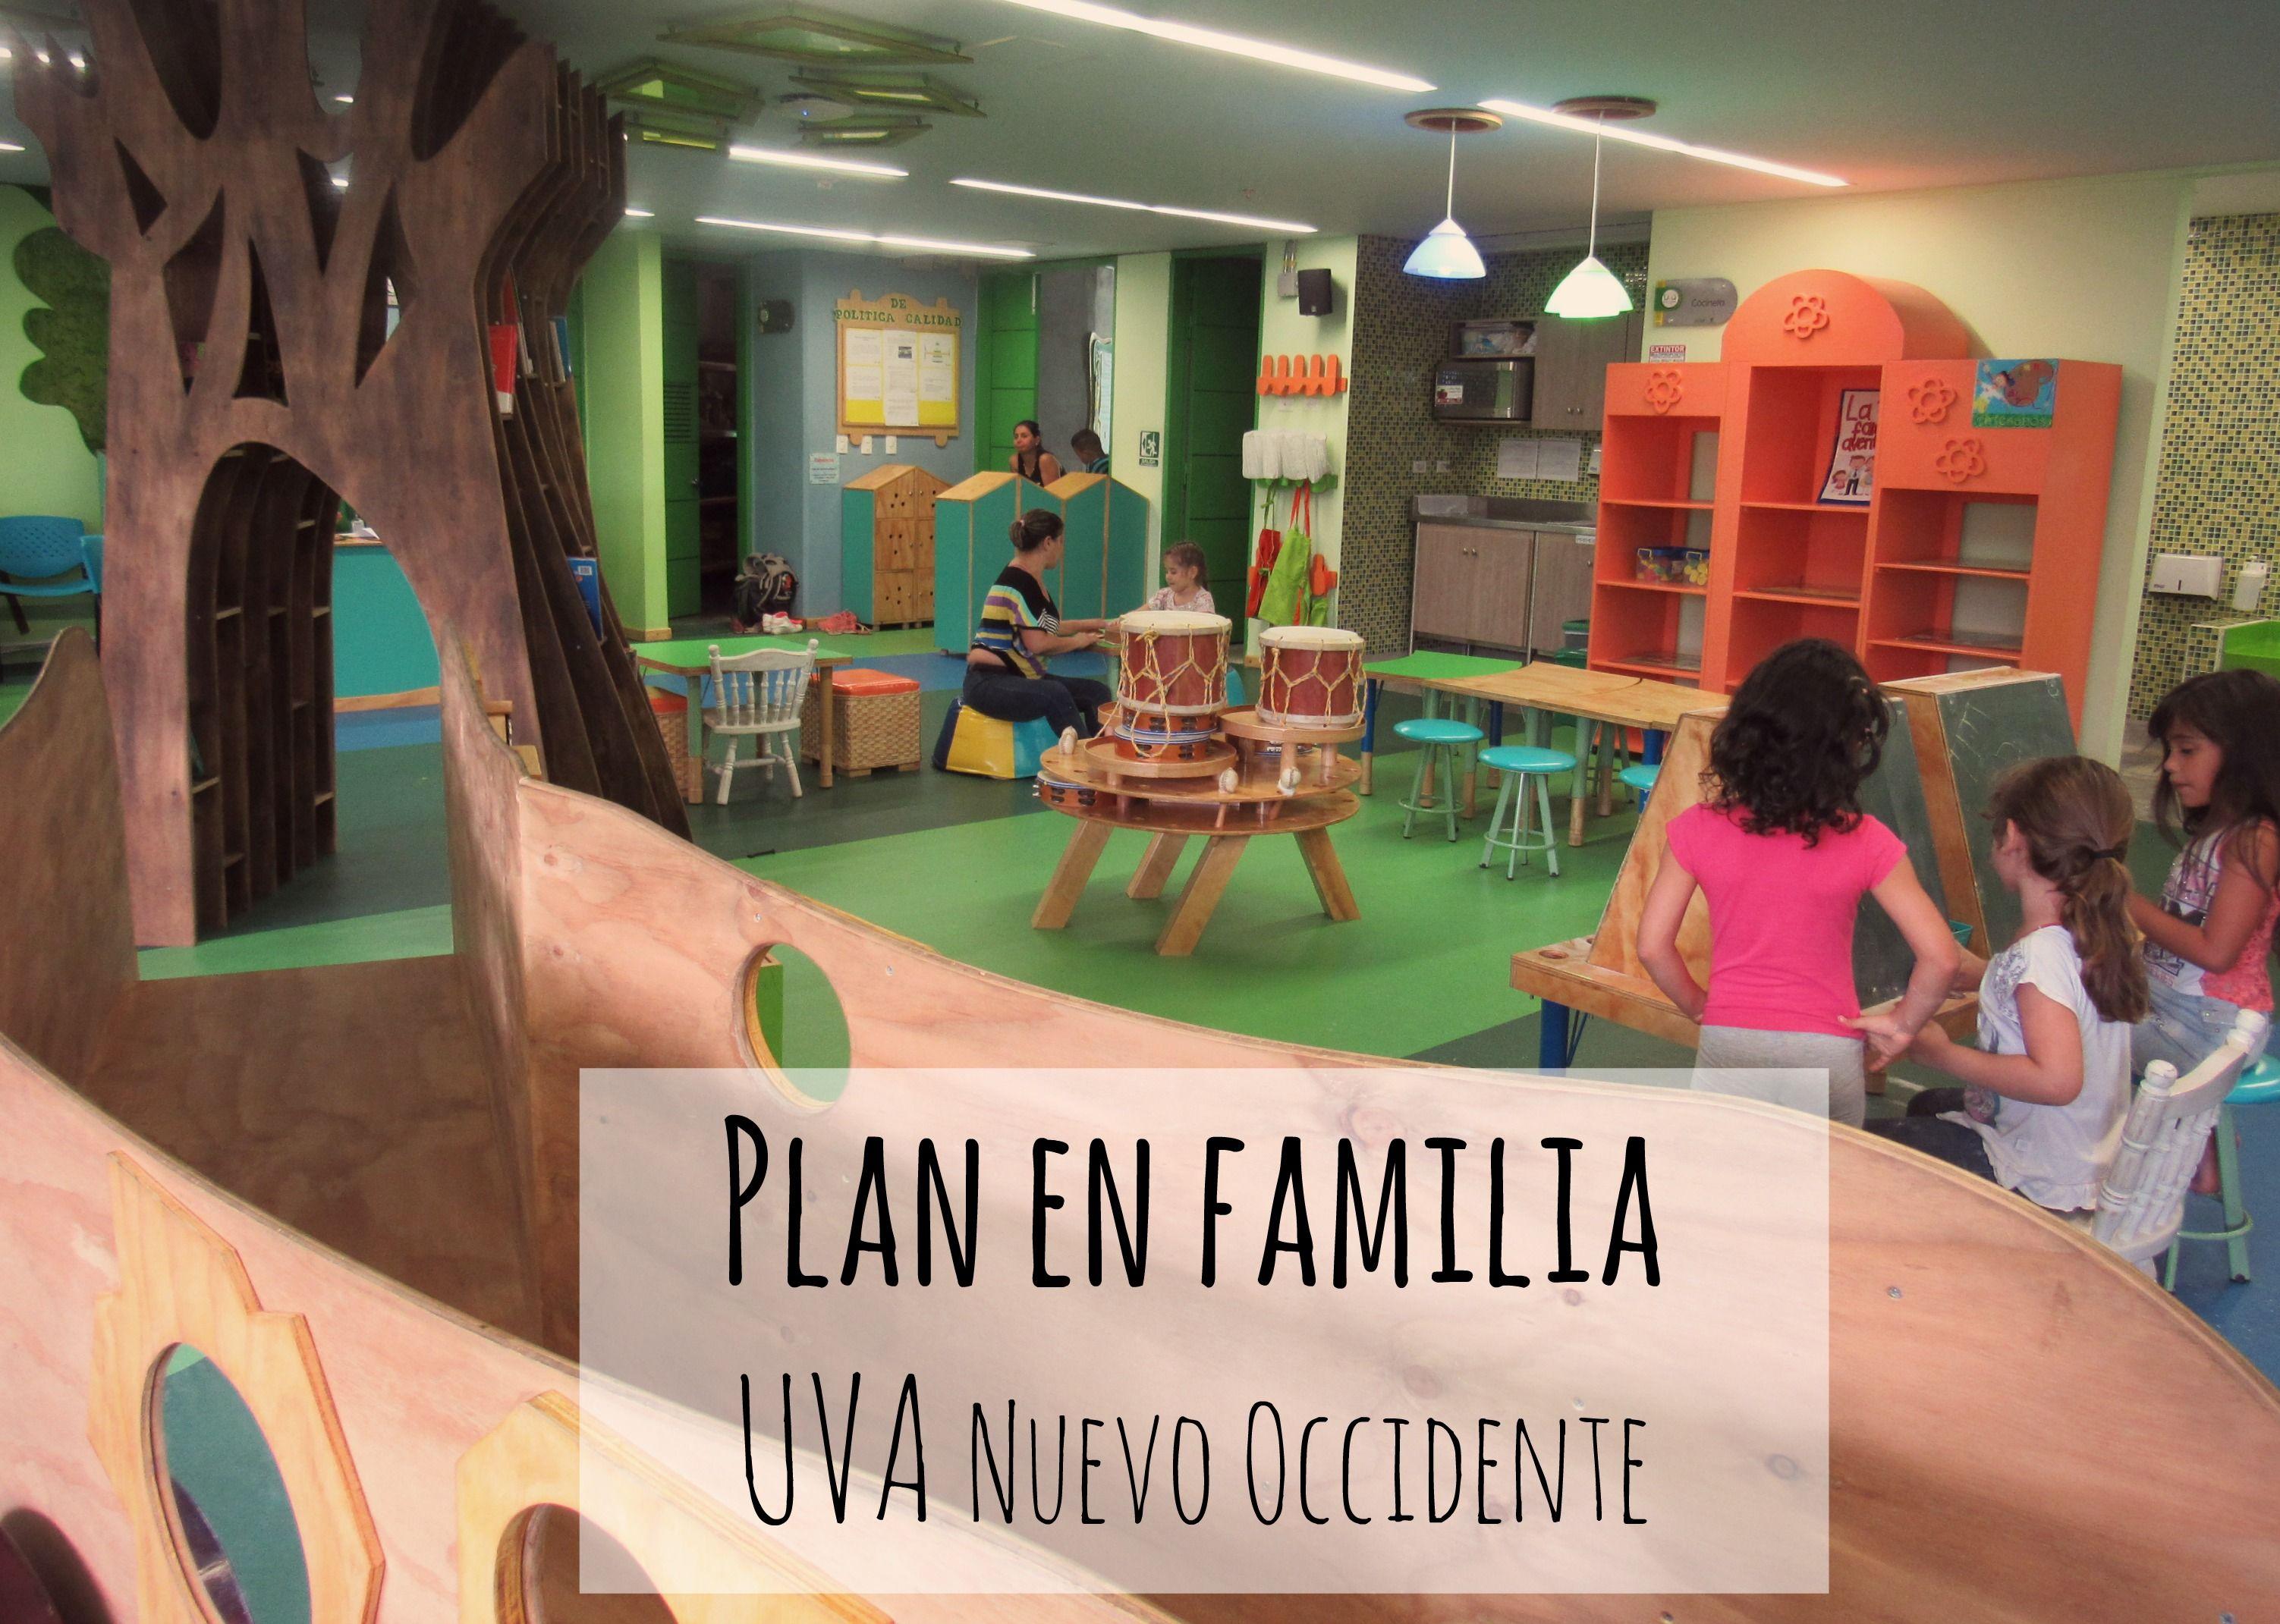 Plan en familia: UVA Nuevo Occidente